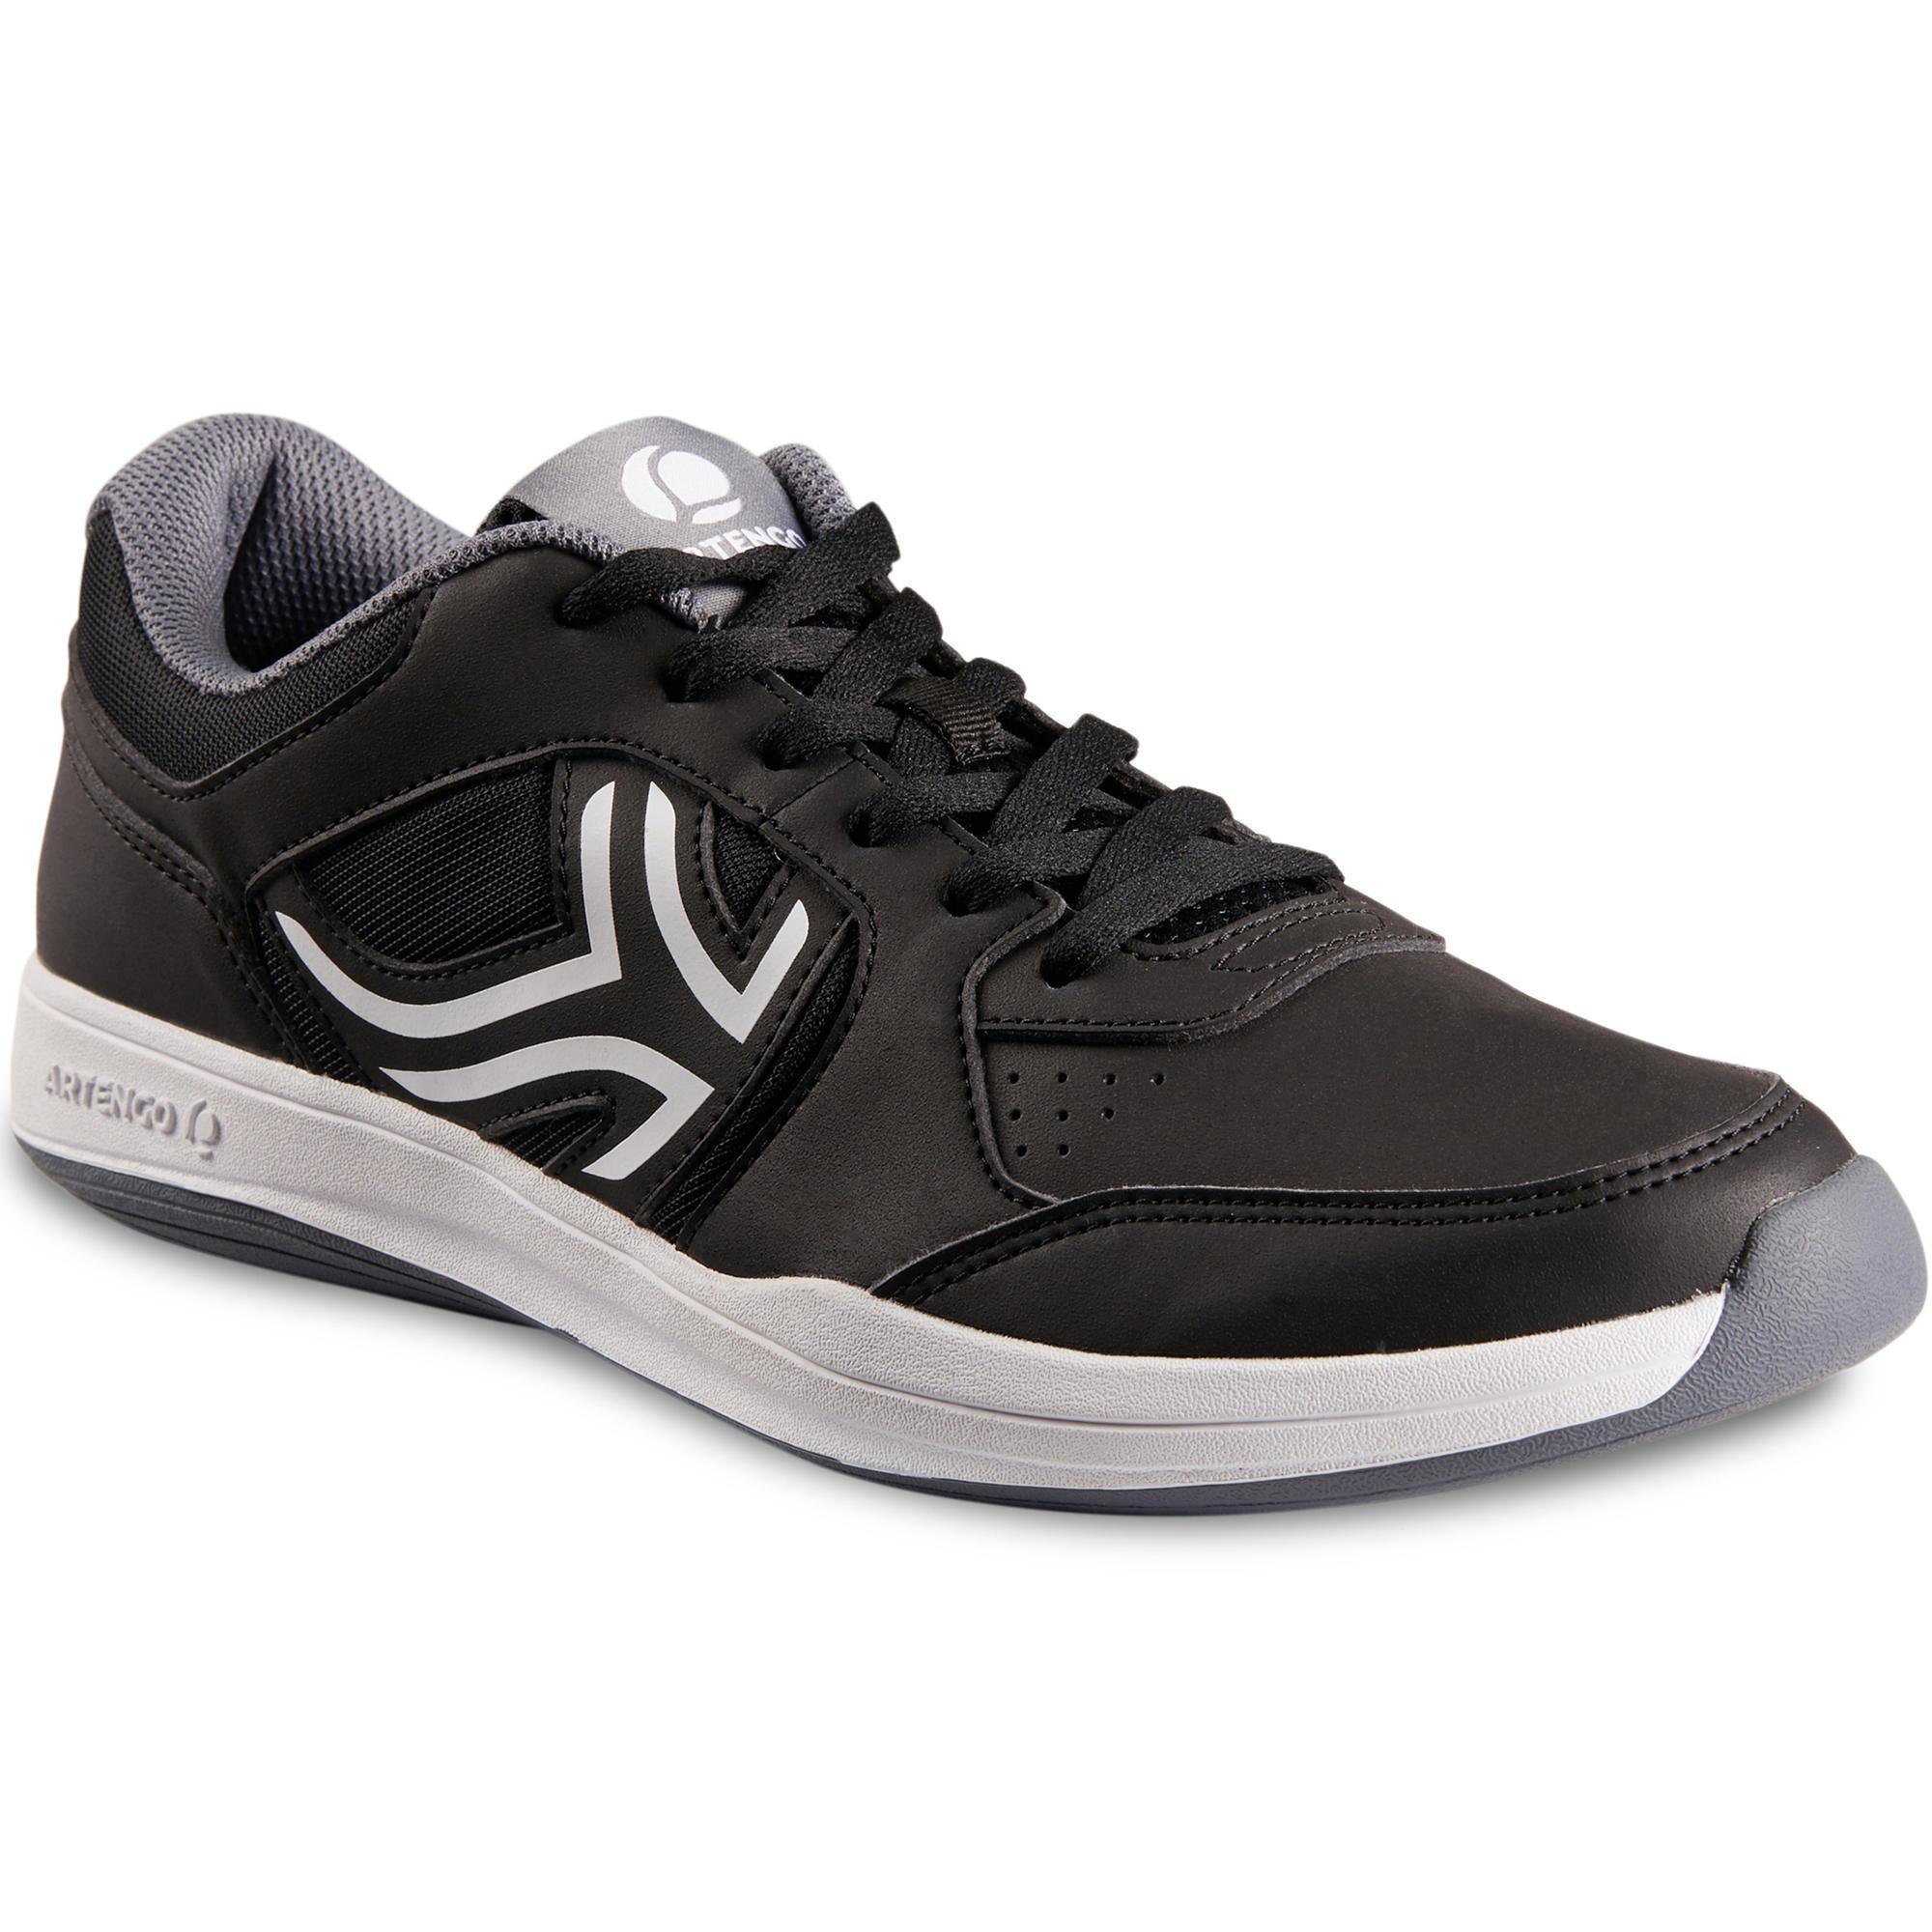 Artengo Tennisschoenen voor heren TS130 zwart multicourt